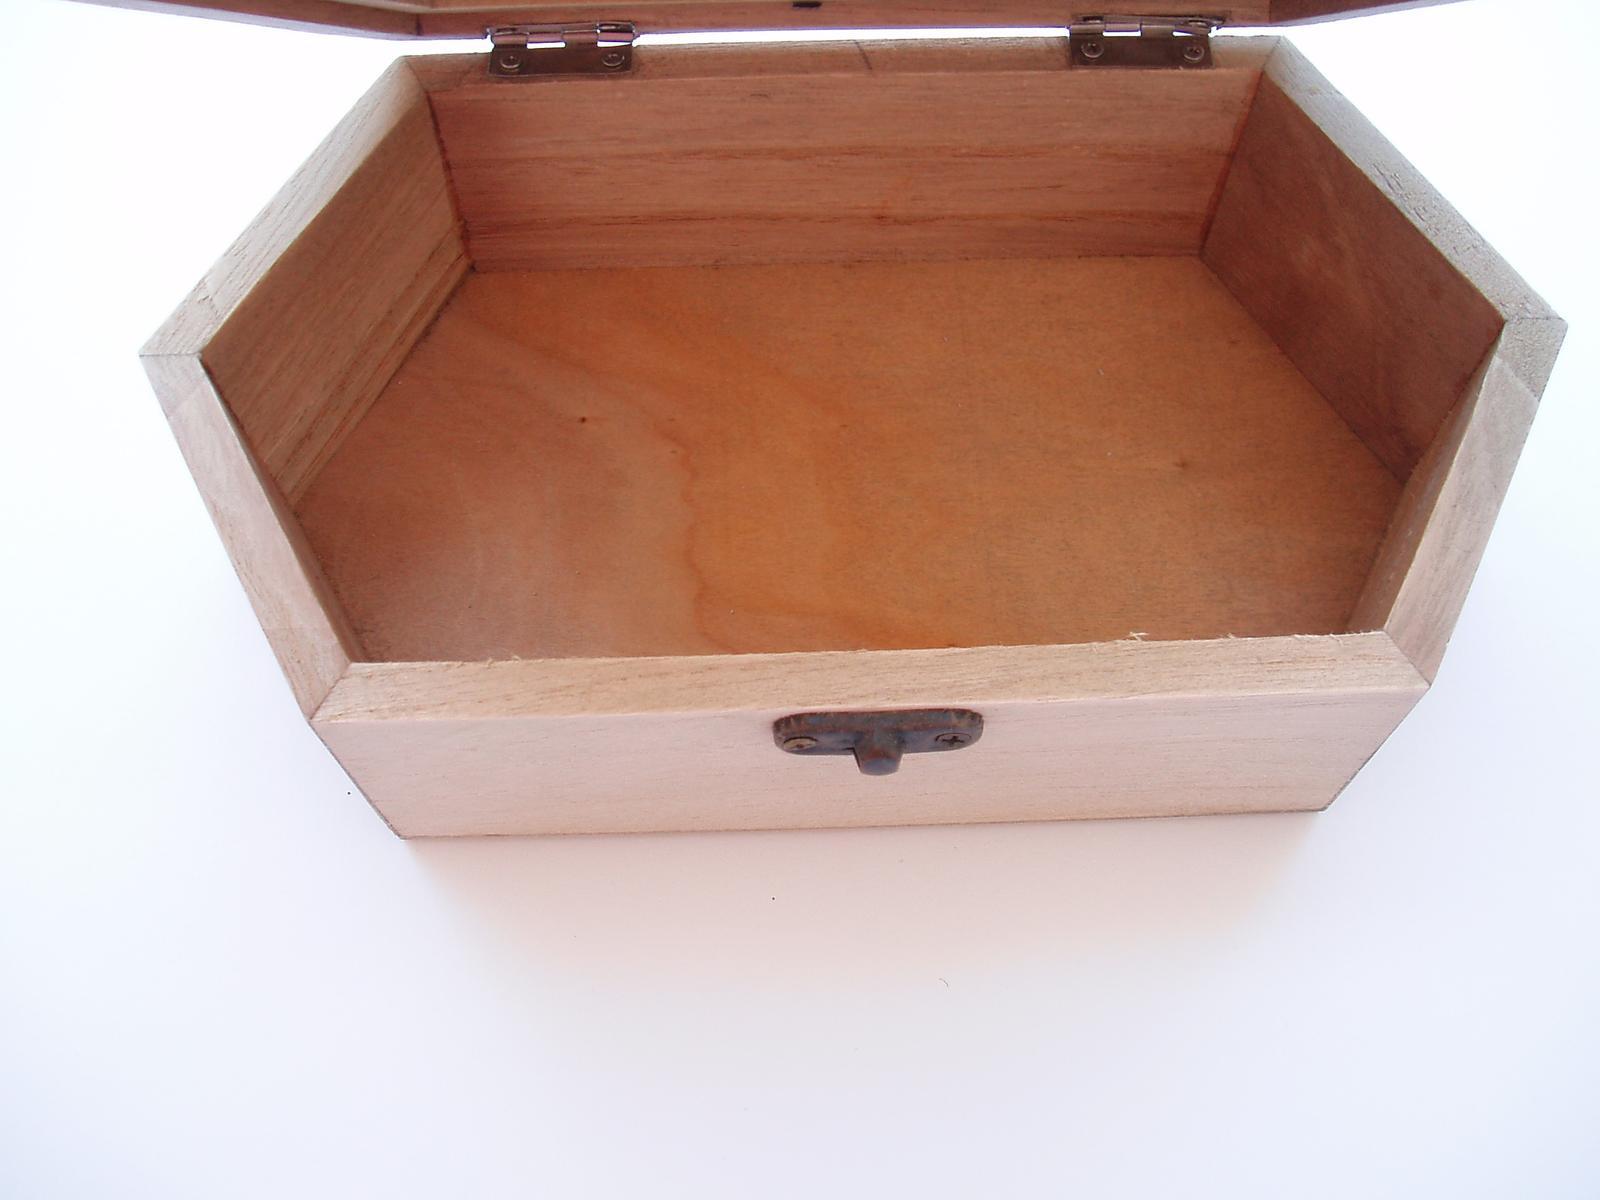 krabička 2 - Obrázek č. 2